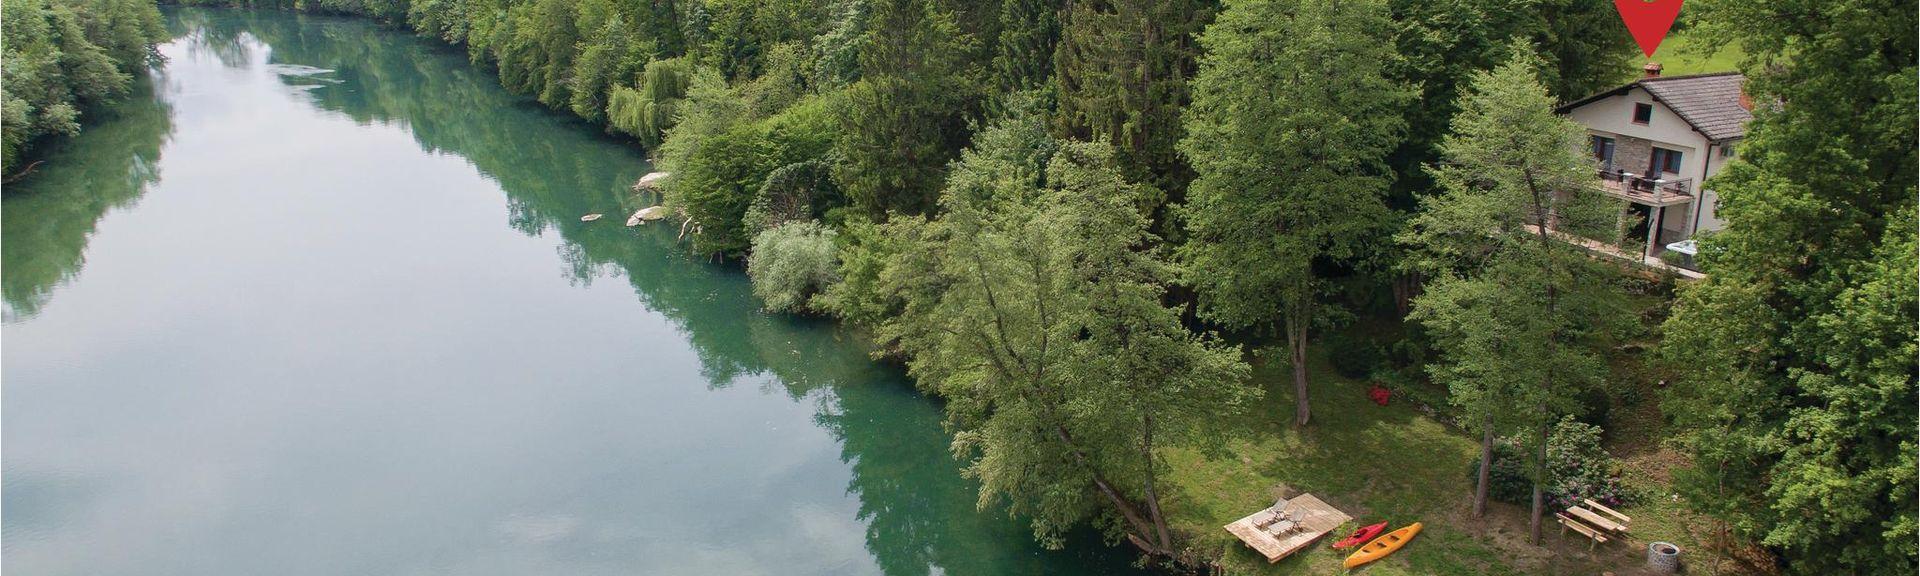 Rožič Vrh, Črnomelj, Slovénie